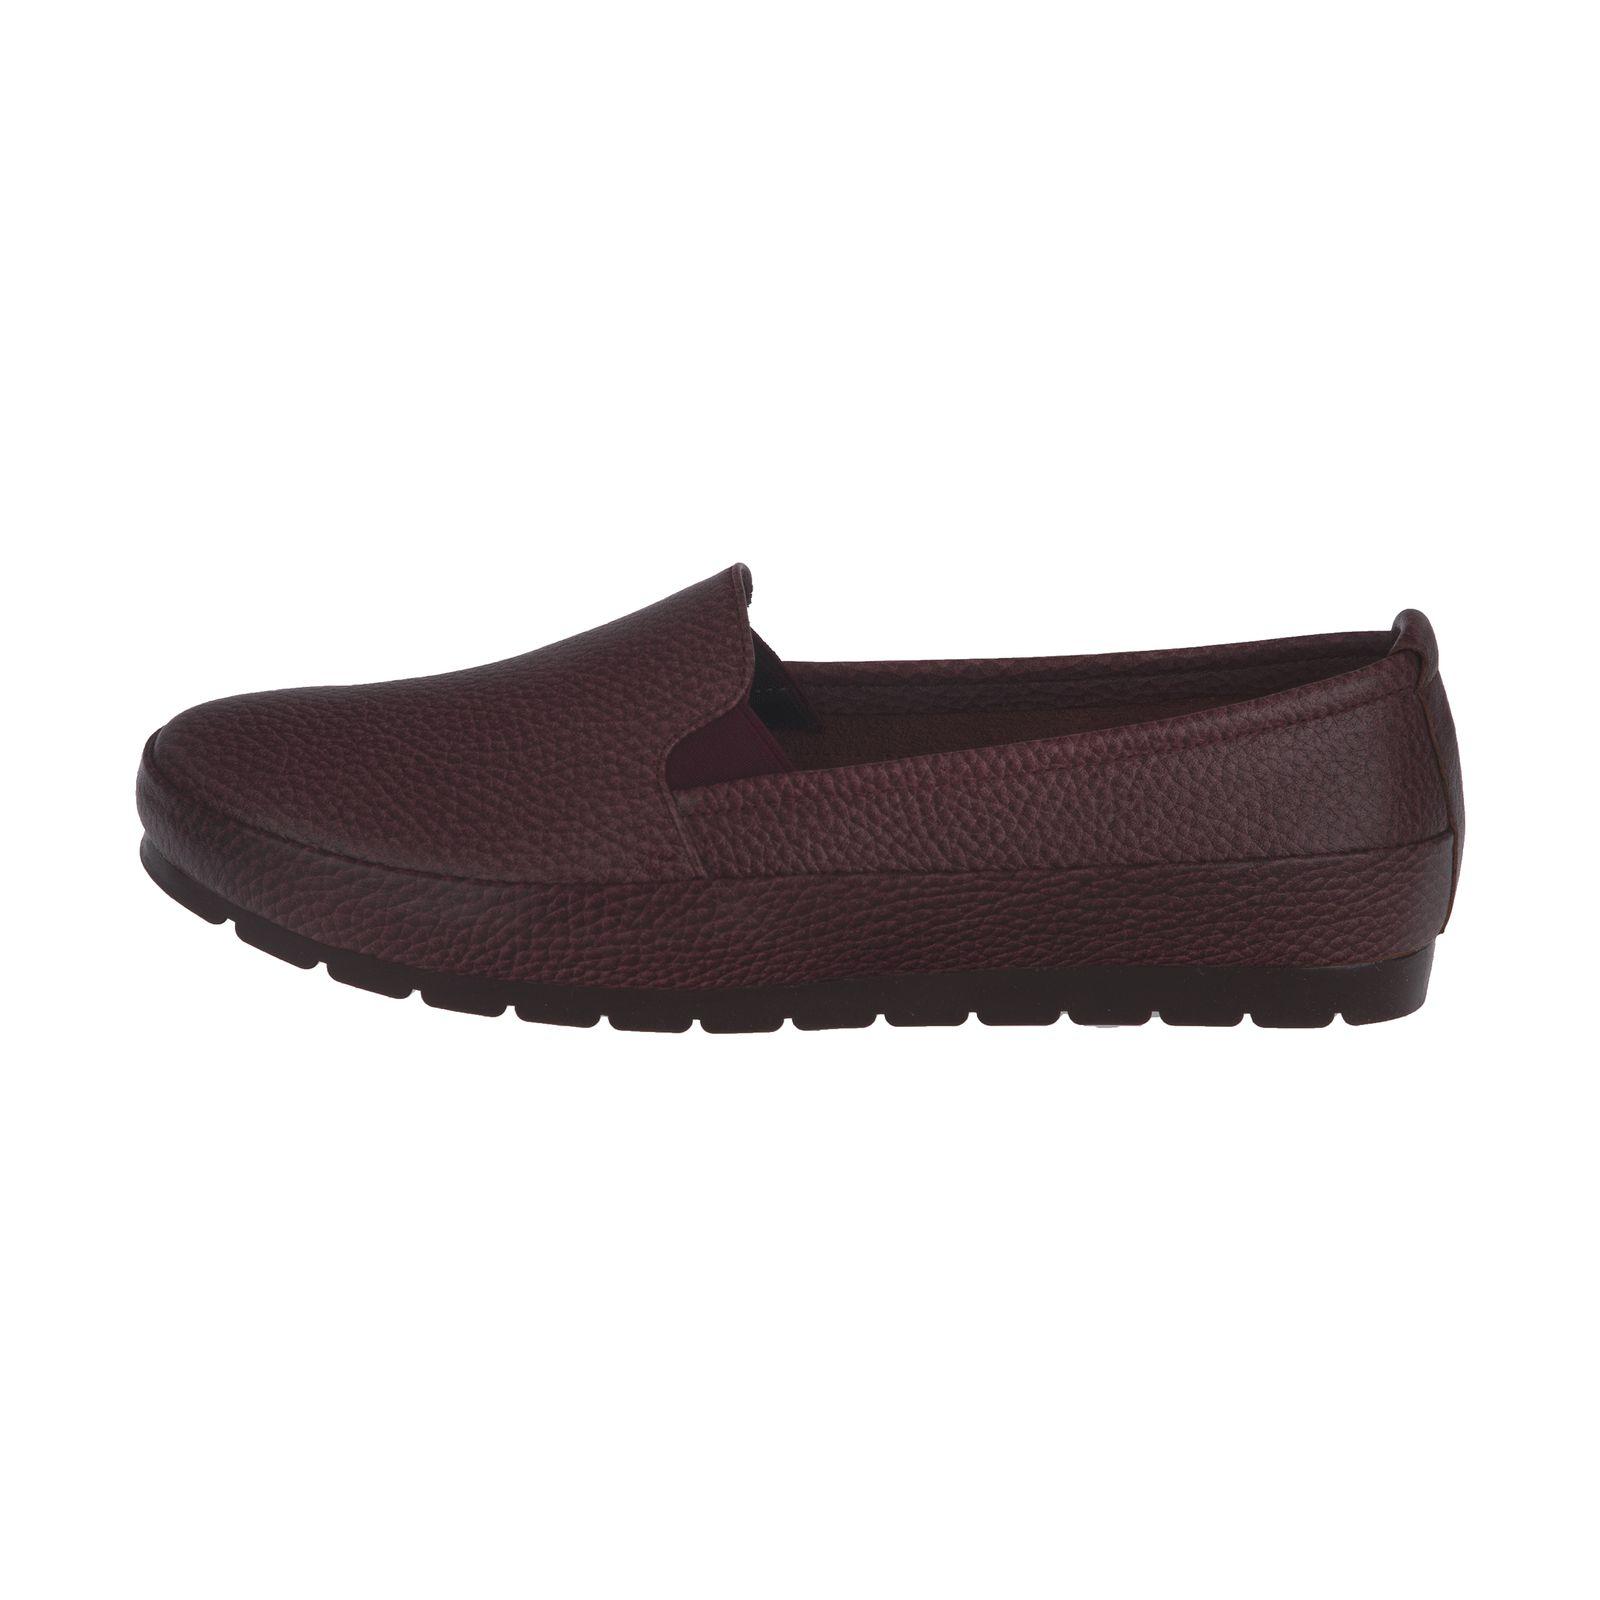 کفش روزمره زنانه بلوط مدل 5313A500115 -  - 2